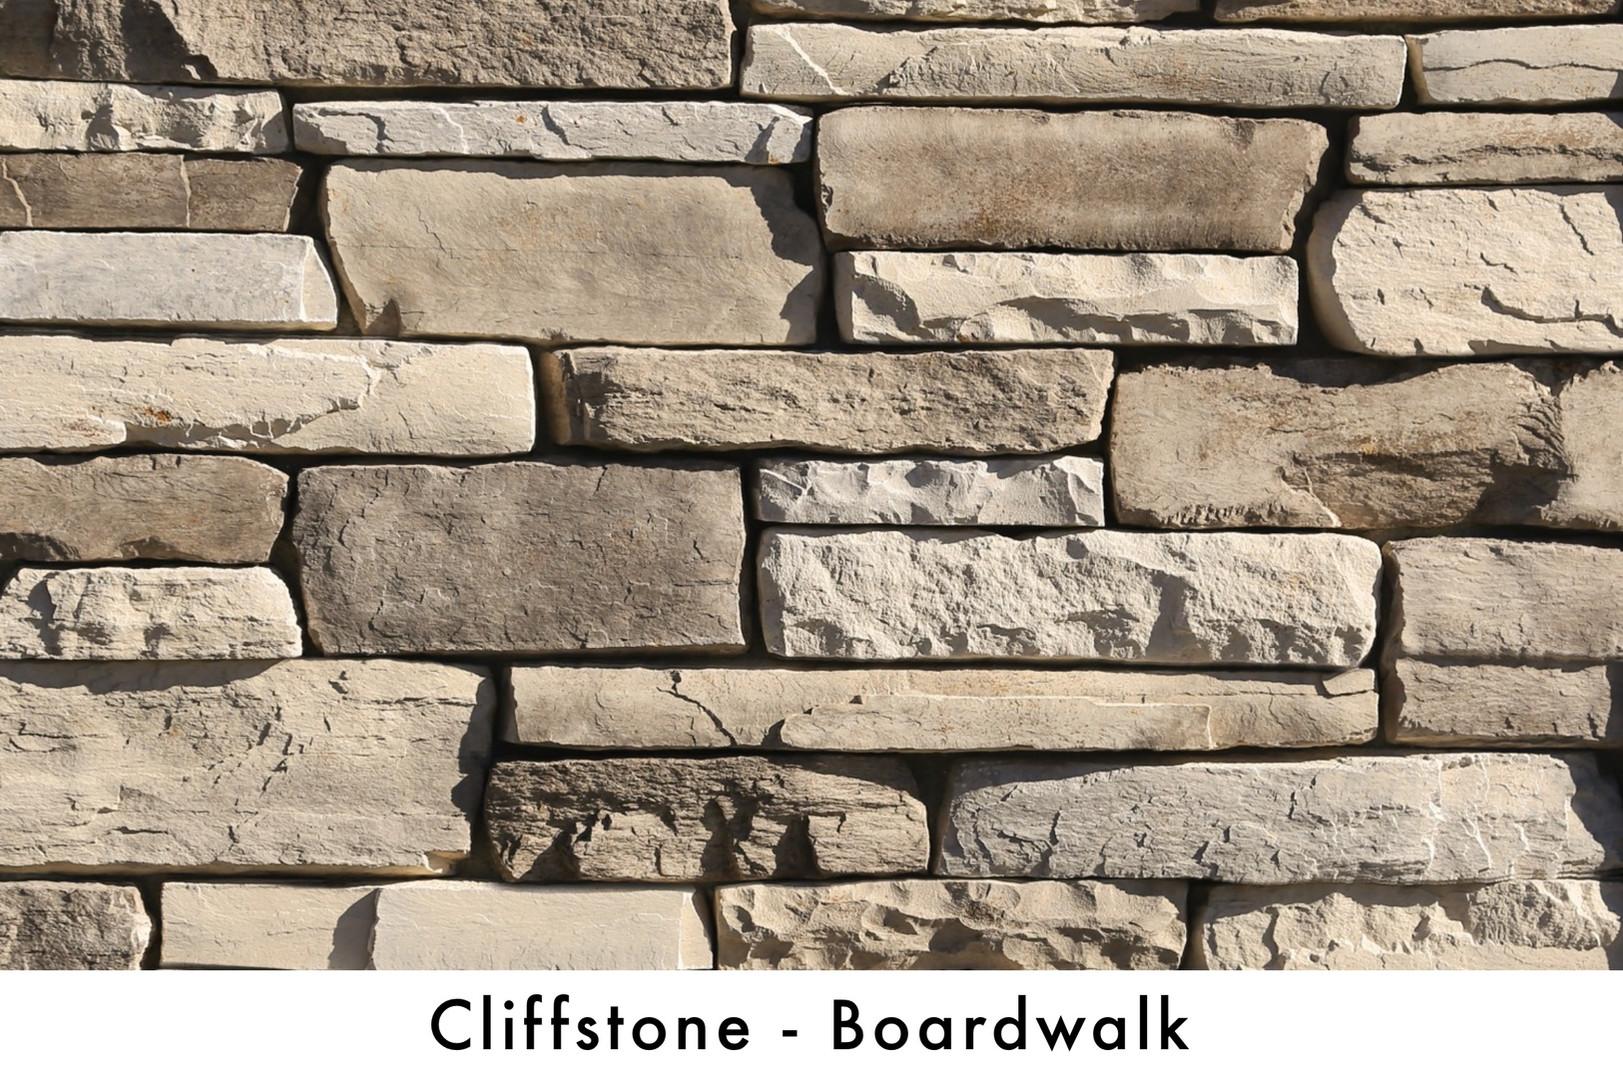 Cliffstone - Boardwalk